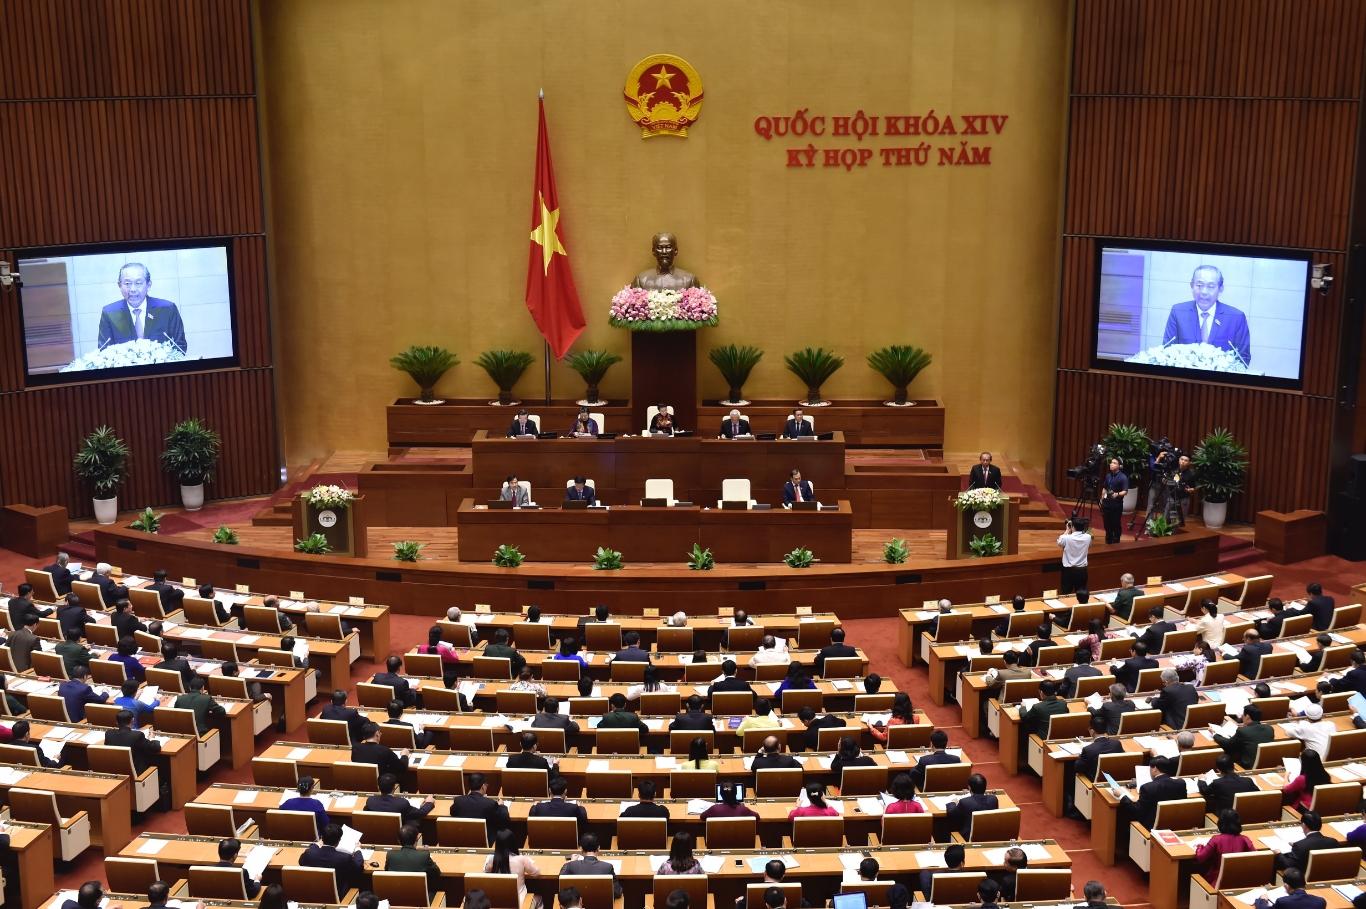 Chương trình xây dựng luật, pháp lệnh năm 2019